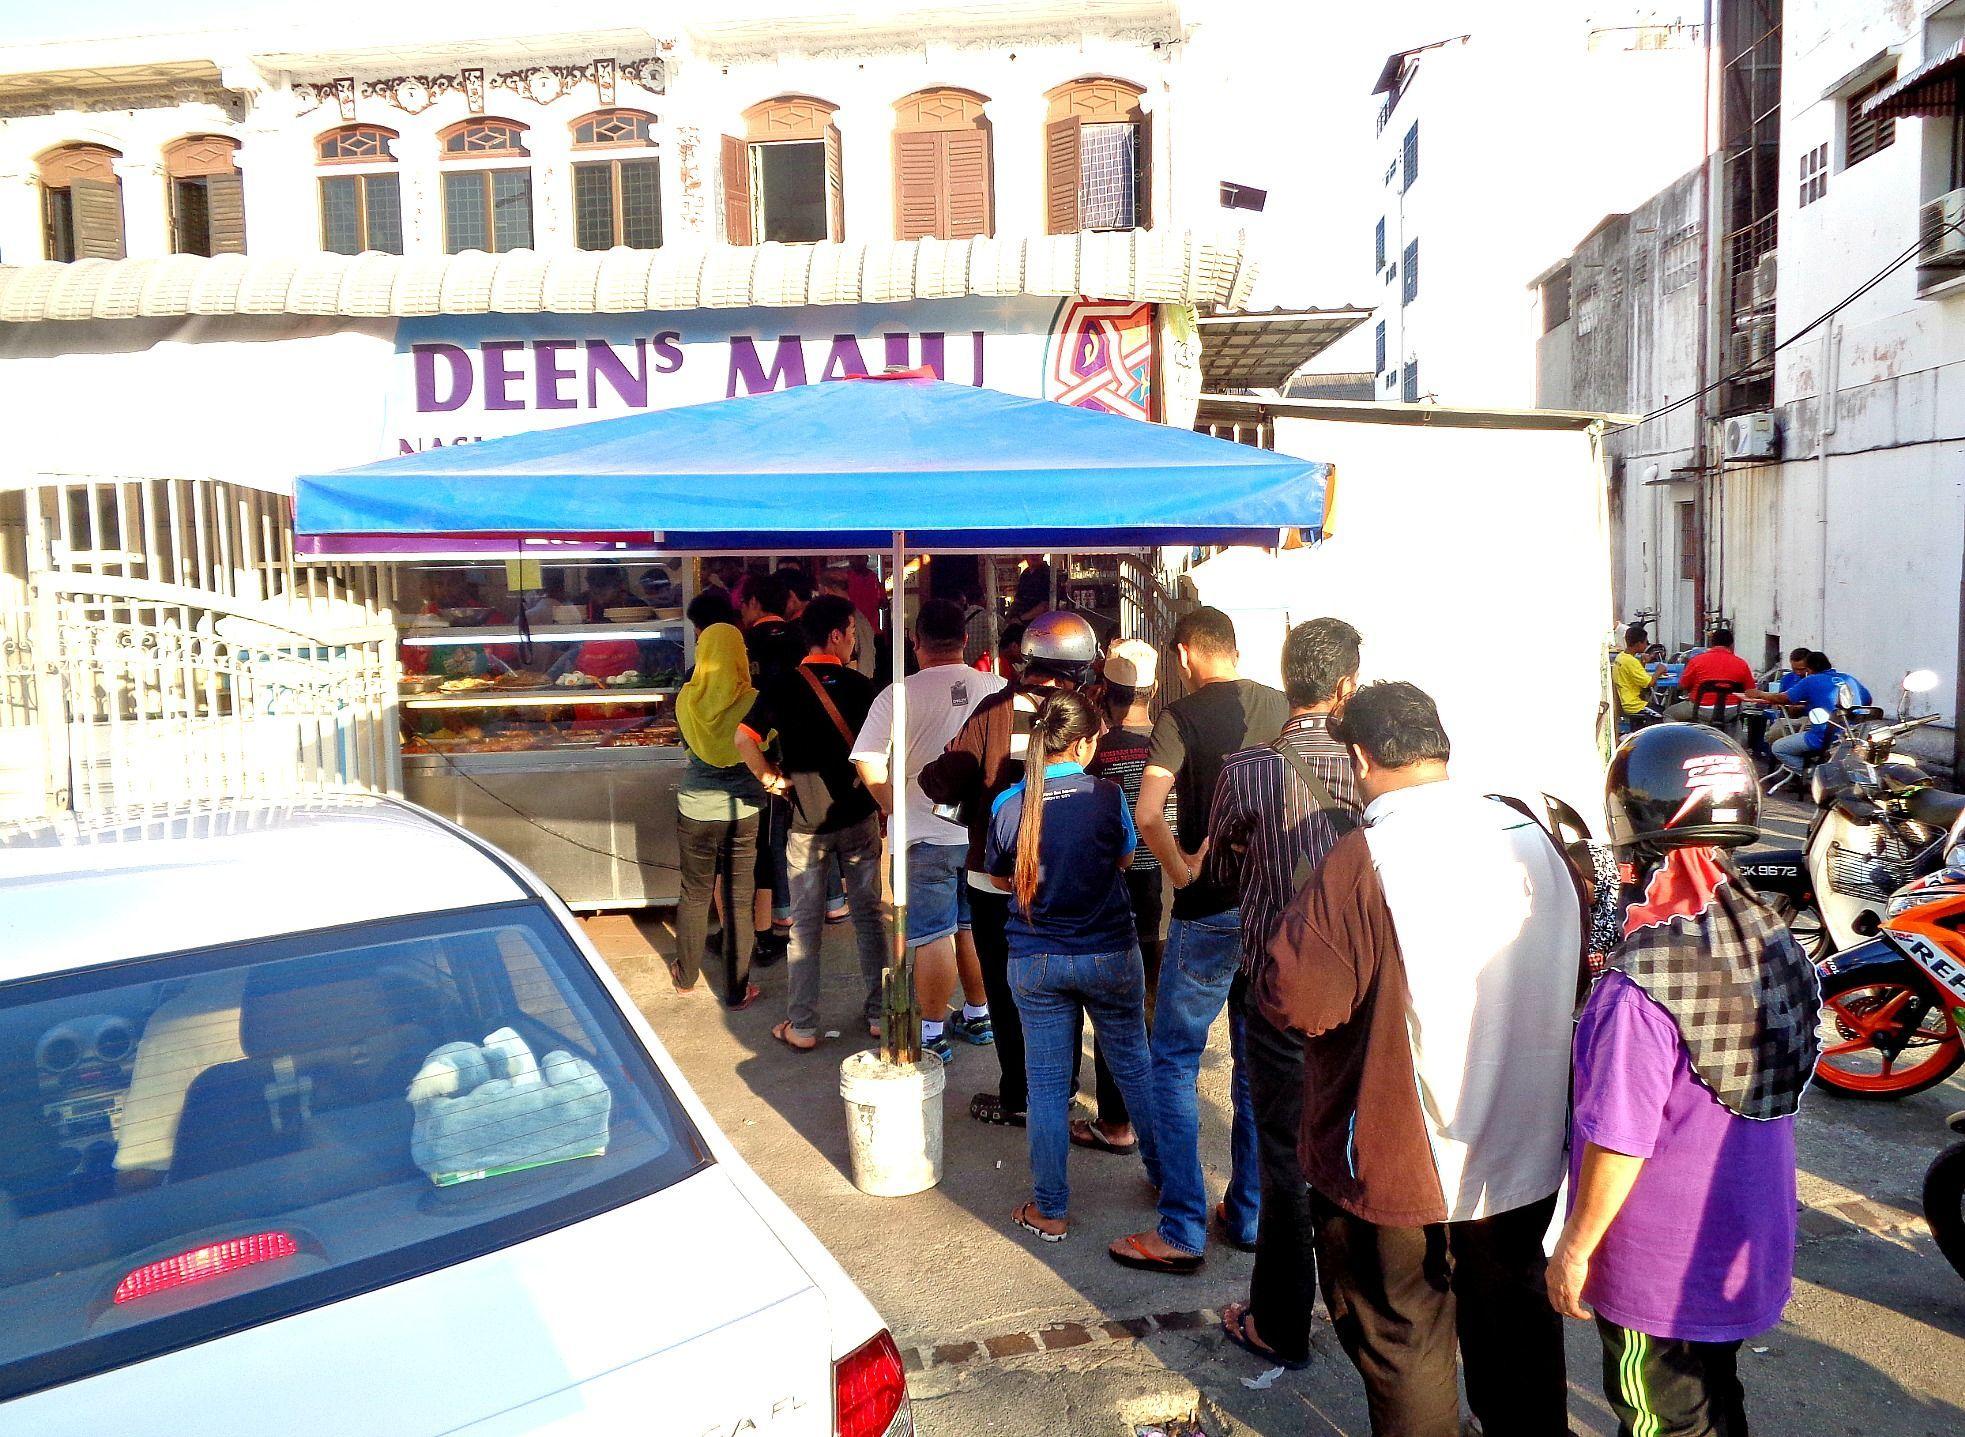 Penang Malaysia Deen Maju Nasi Kandar At Jln Gurdwara Brick Kiln Road Asia Pacific Hungry Onion